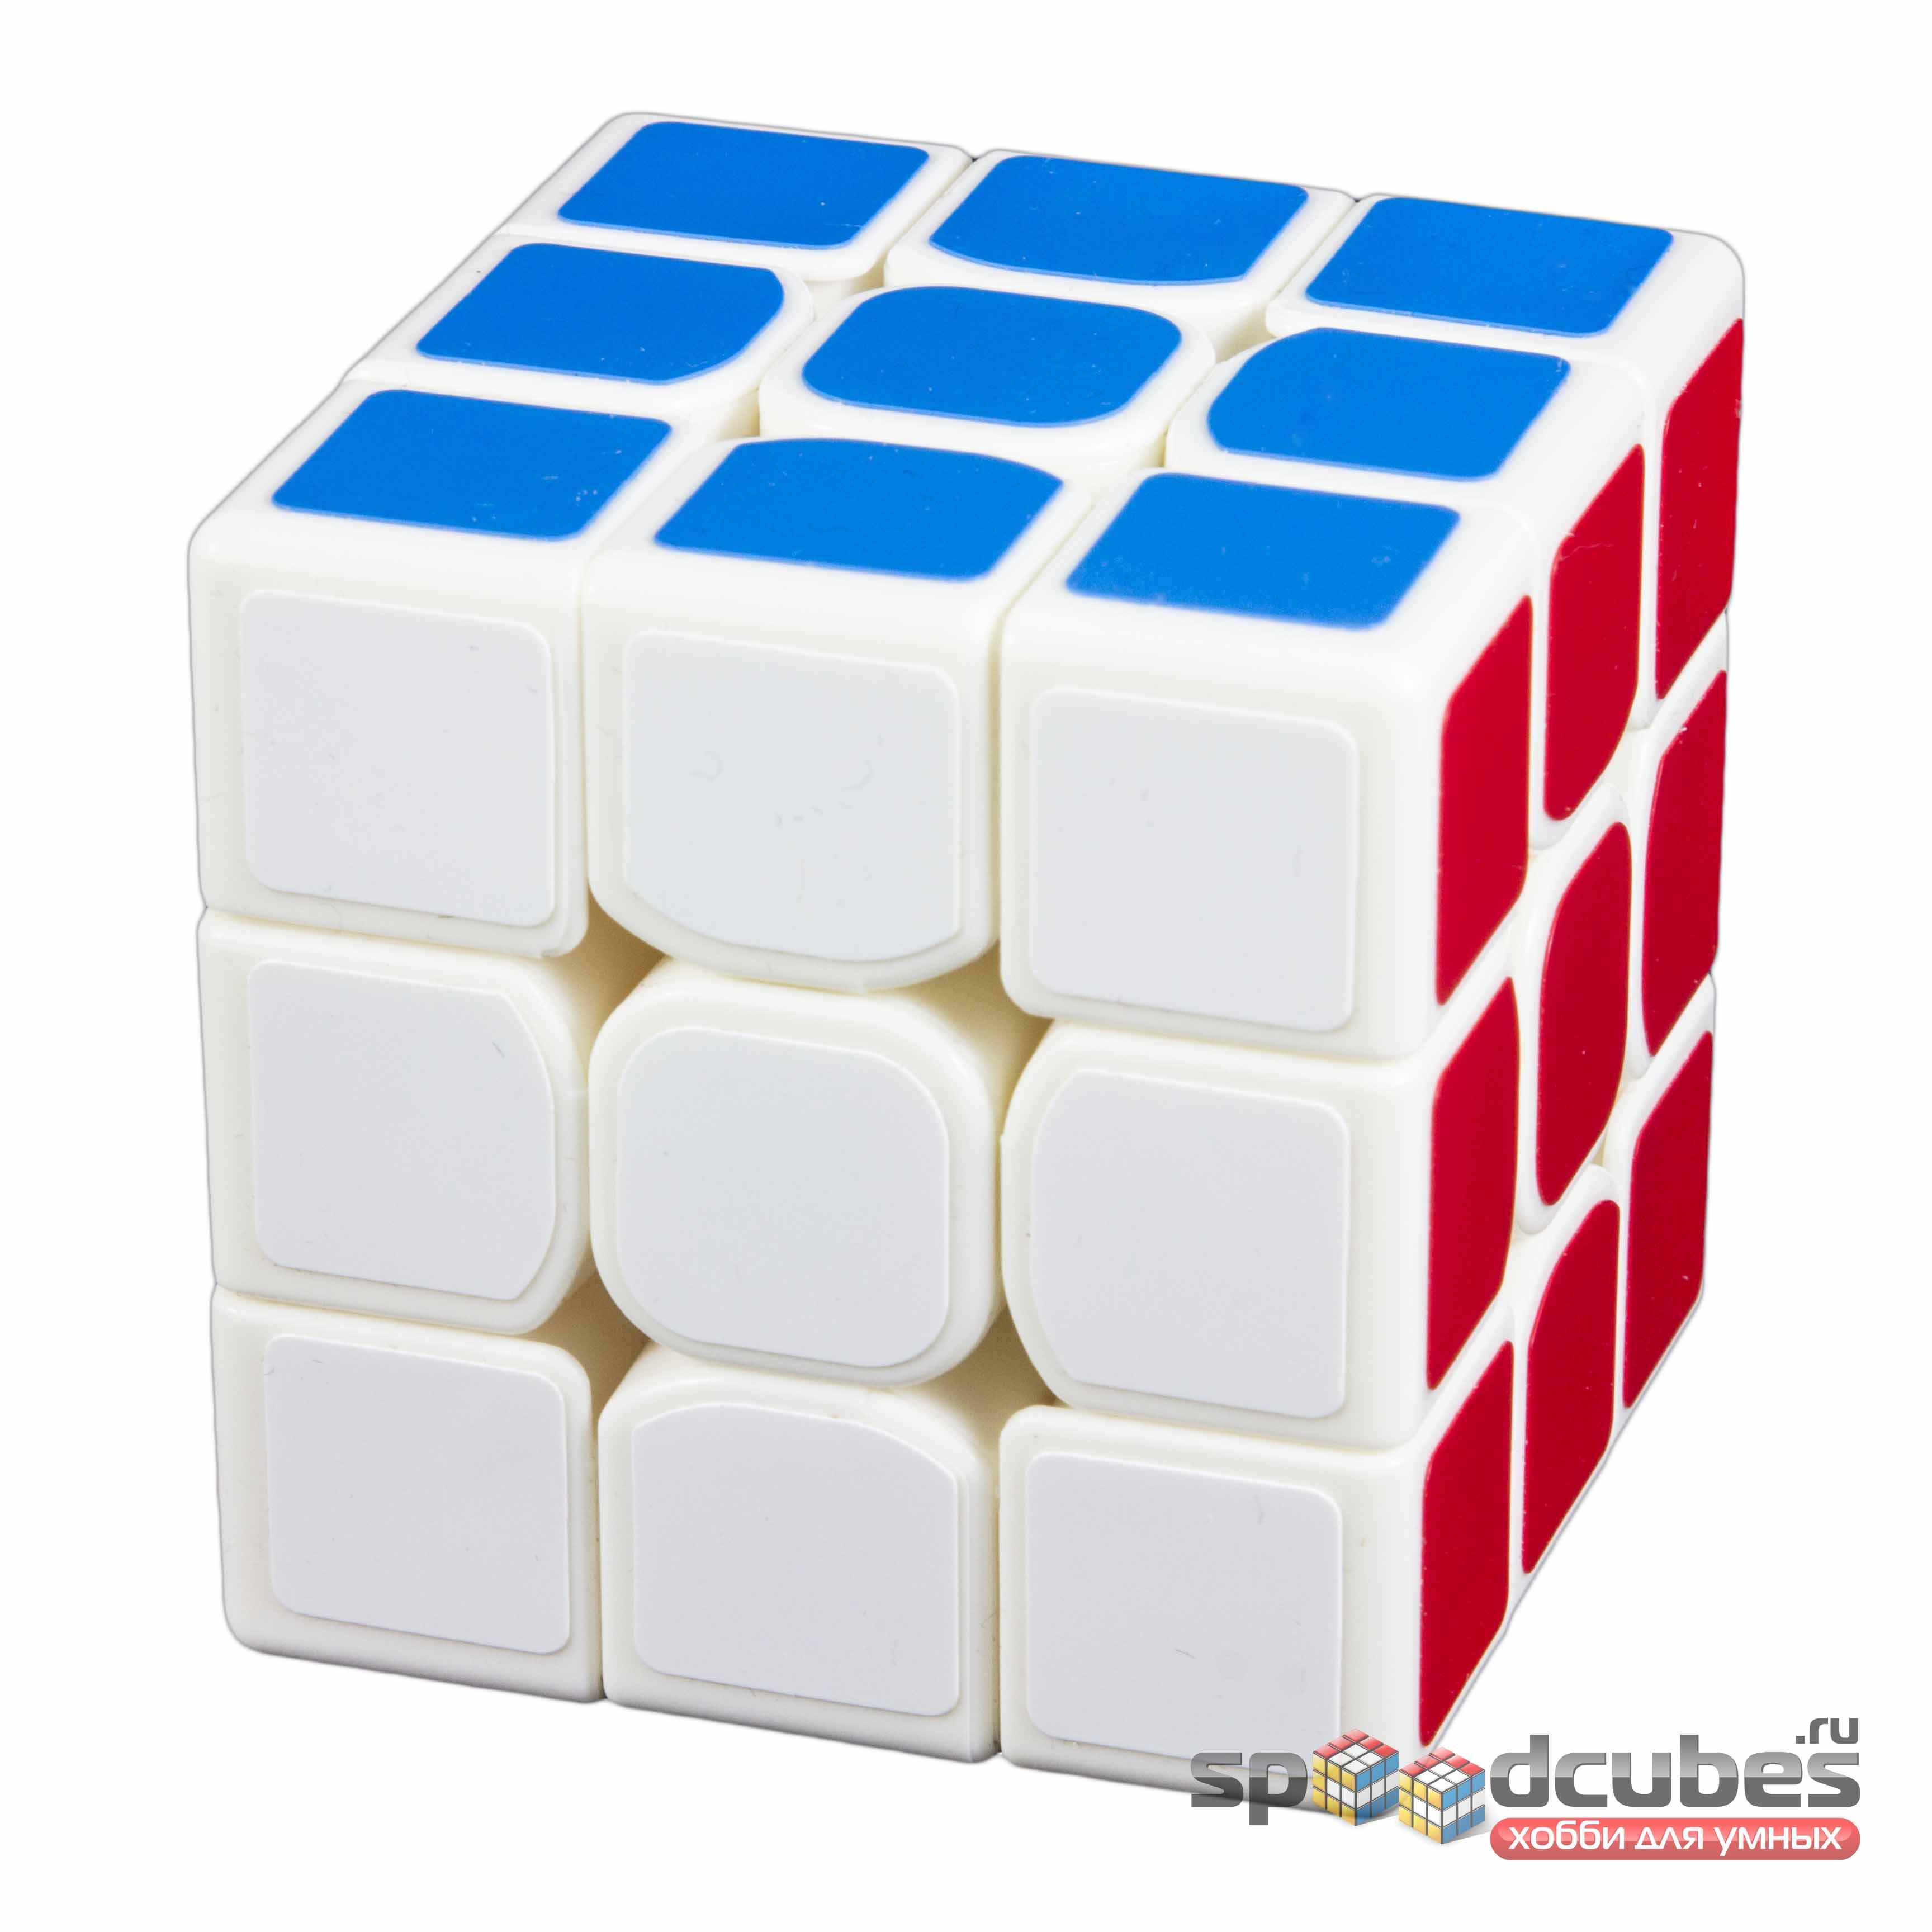 Moyu Yj 3x3x3 Guanlong Plus White 3